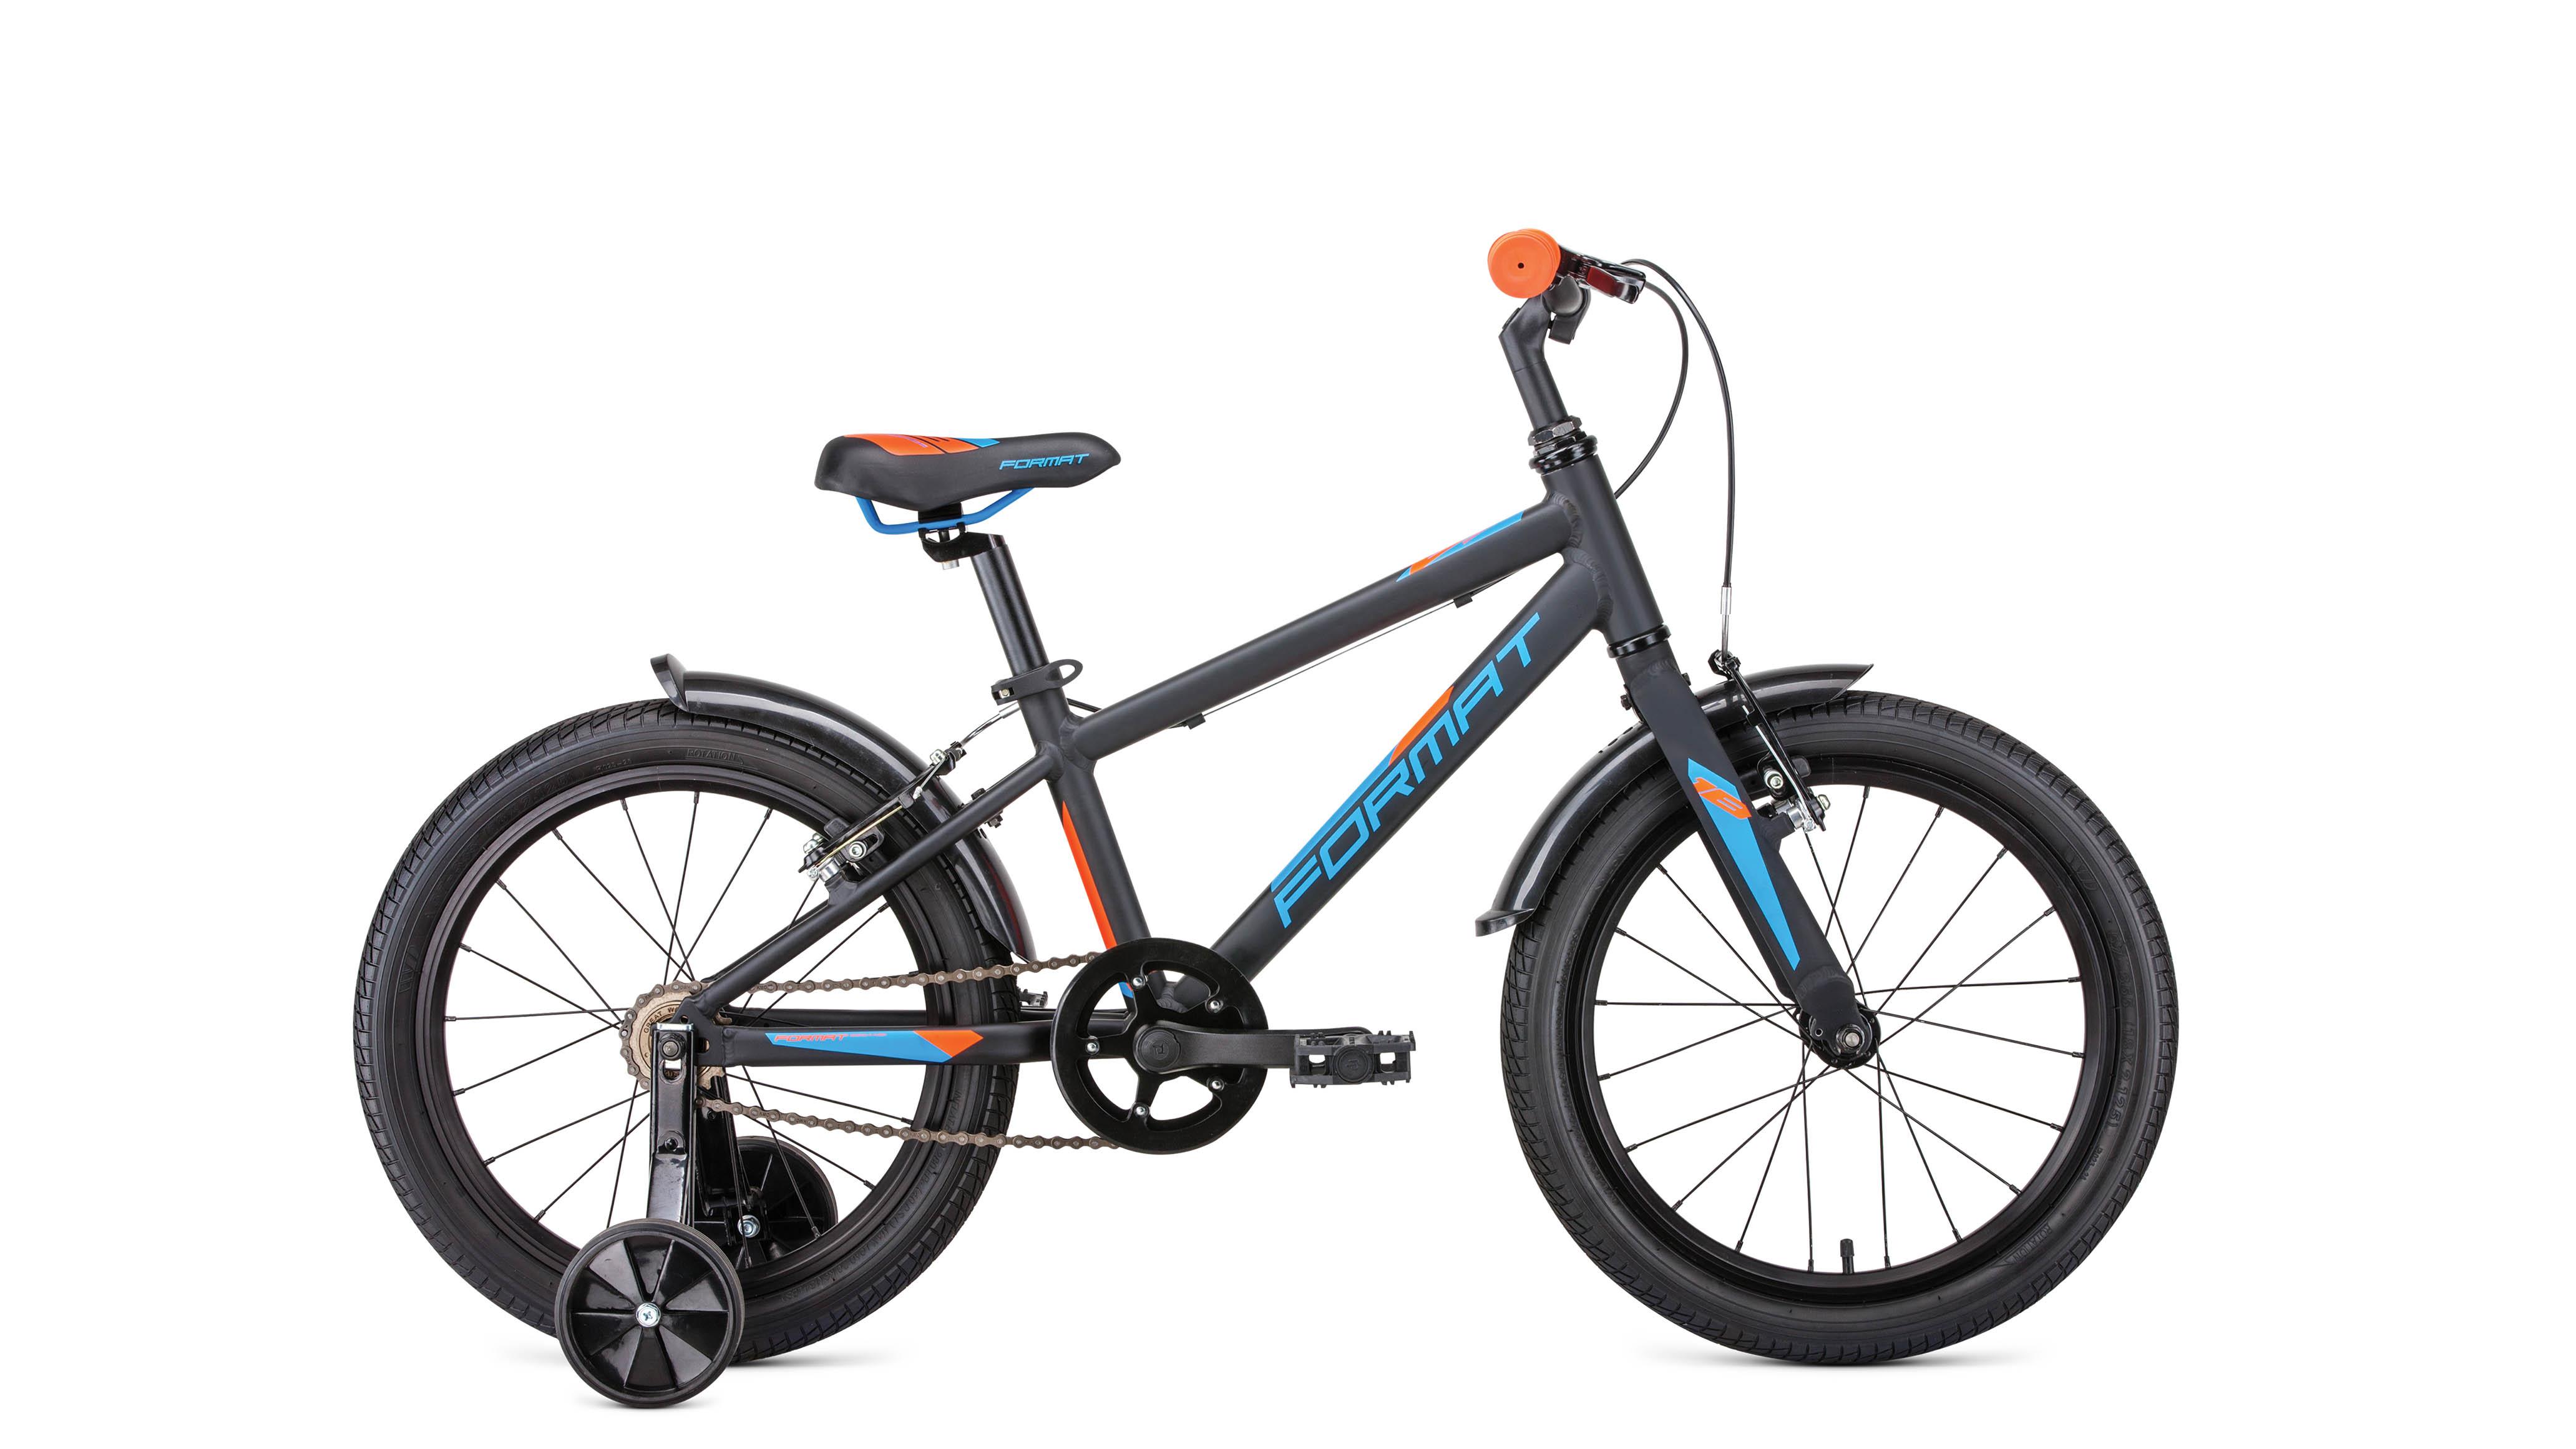 Велосипед FORMAT Kids 18 2019 черный матовый one size